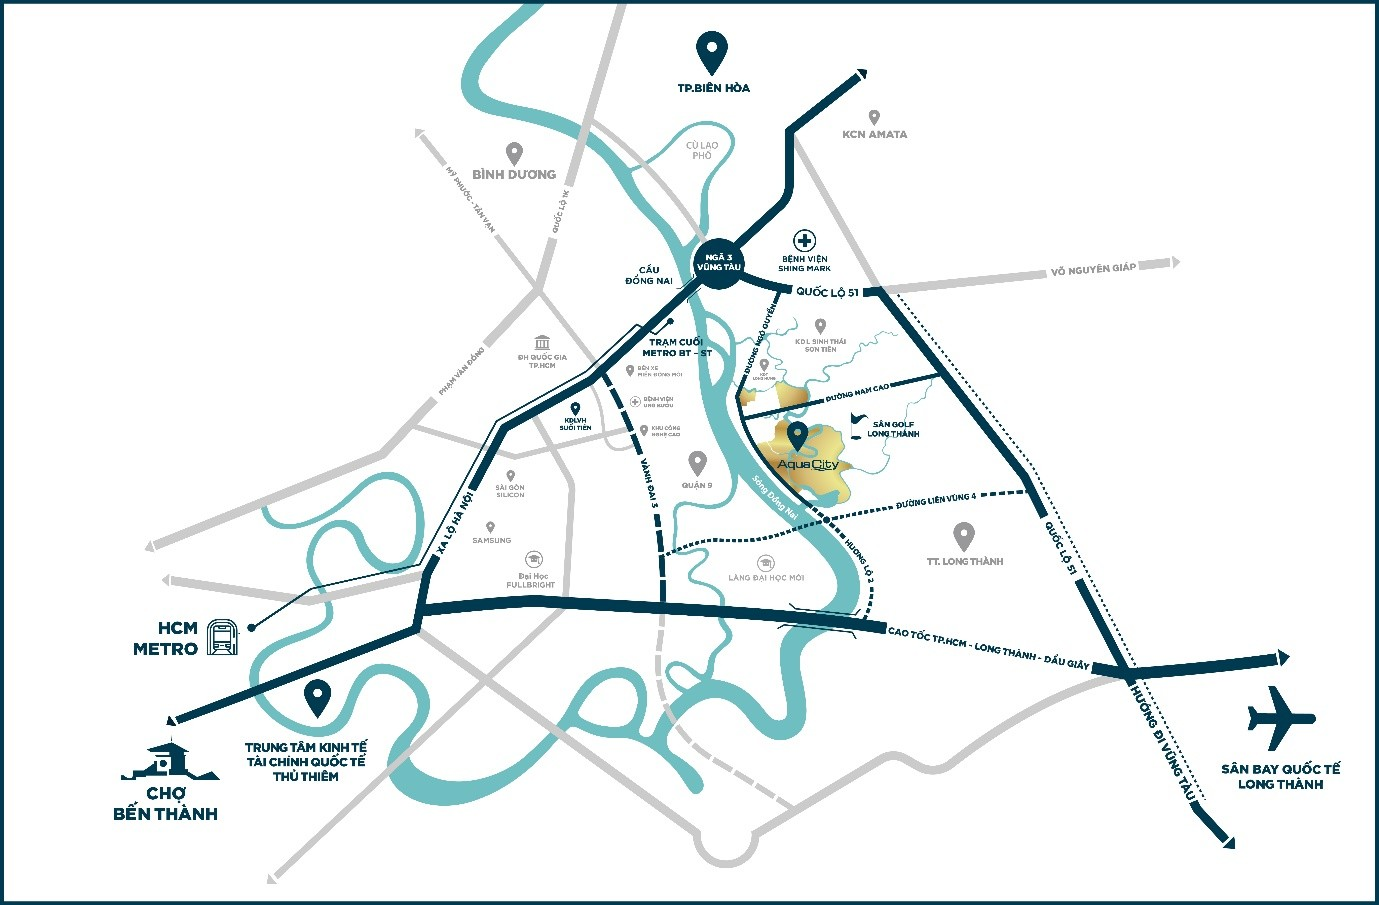 VỊ trí đắc địa của Khu River Park 1 Dự án Aqua City